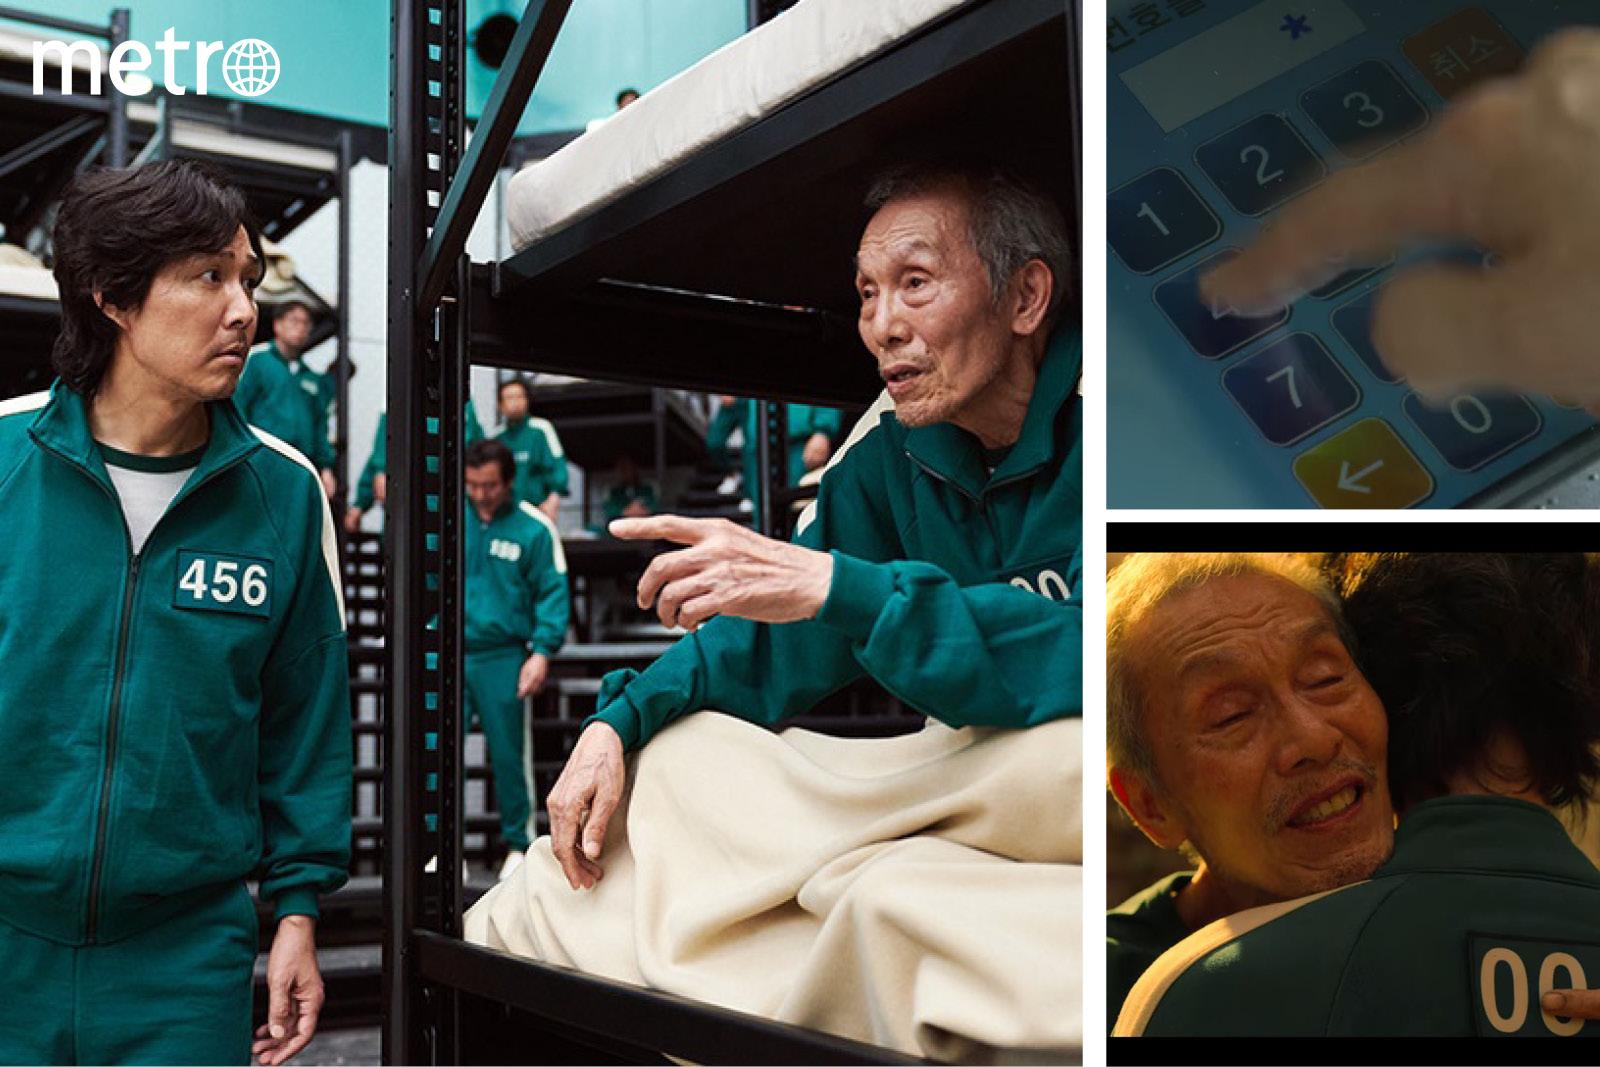 《魷魚遊戲》暗藏驚人線索  男主角李政宰係001號老伯個仔?